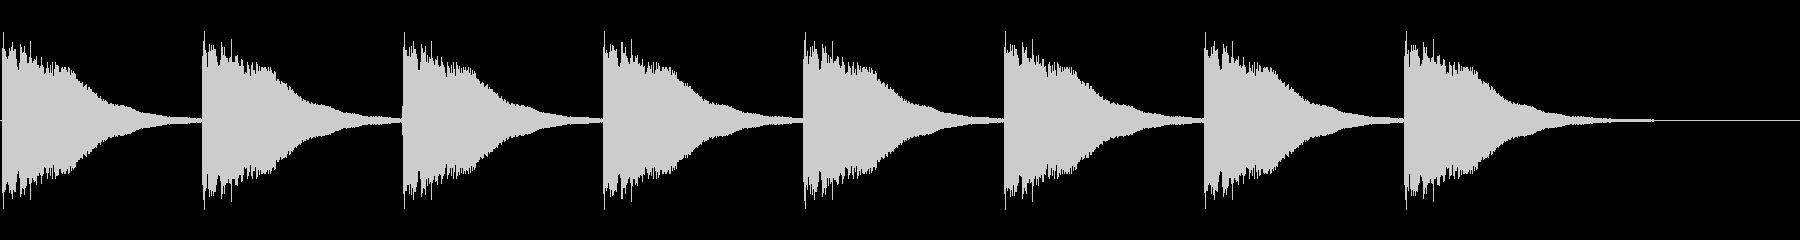 教会の鐘-7-2_delayの未再生の波形